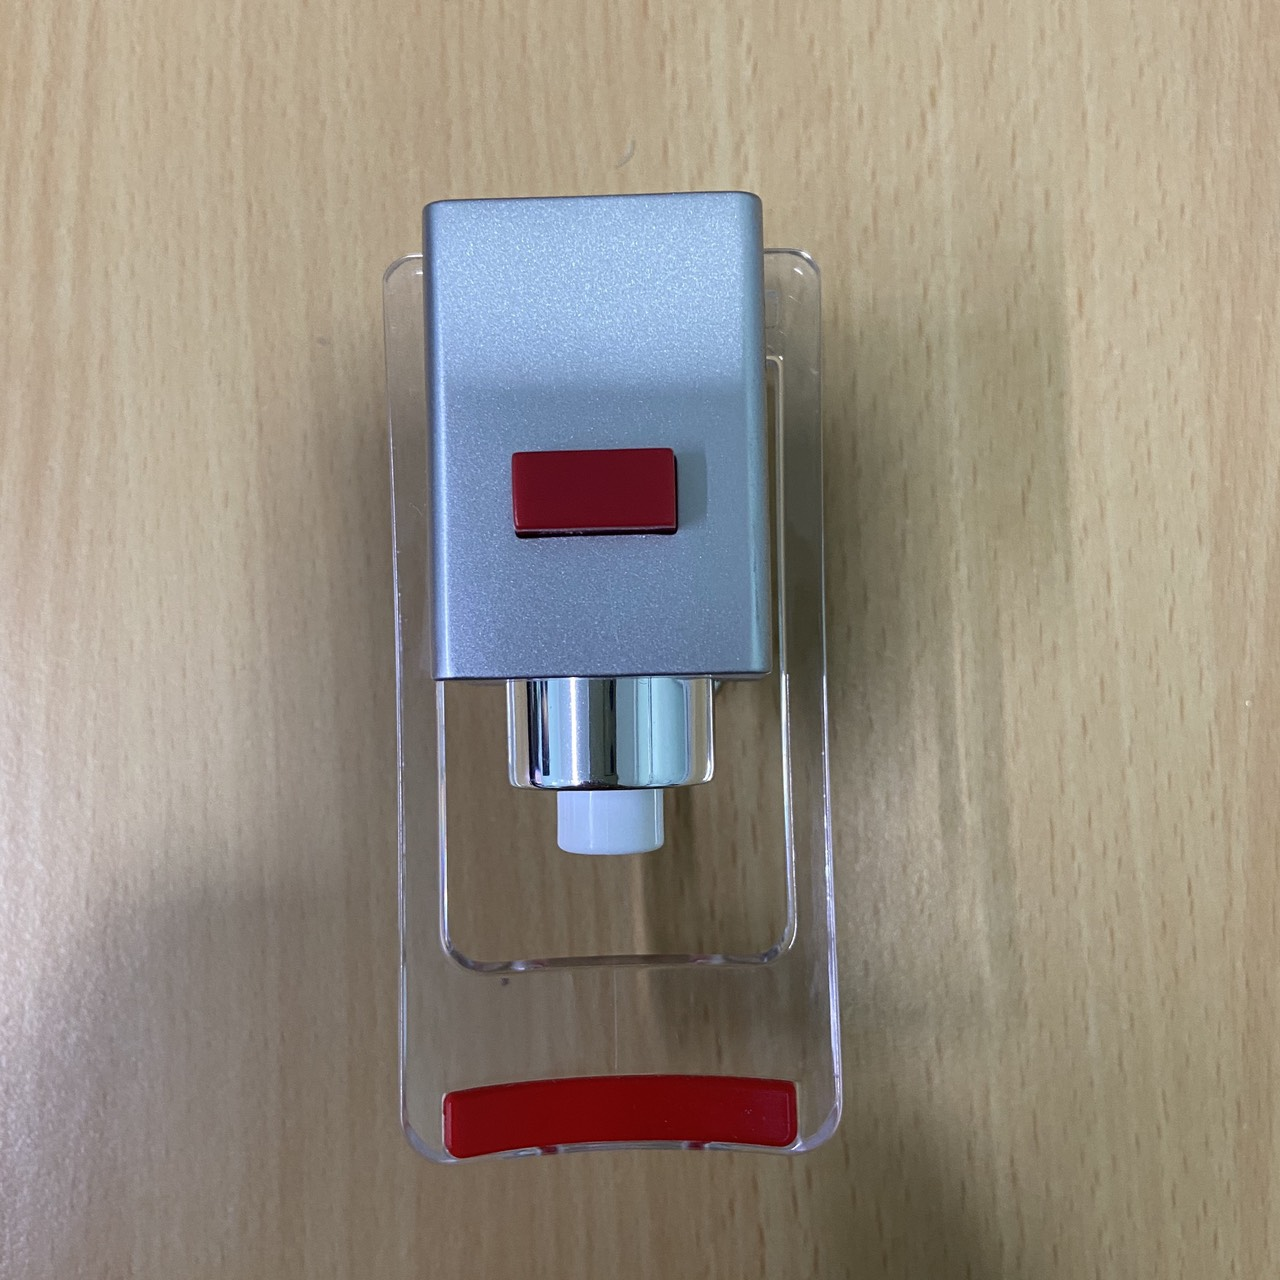 Vòi nóng - Vòi lạnh : Model 218/800/816 : Màu bạc